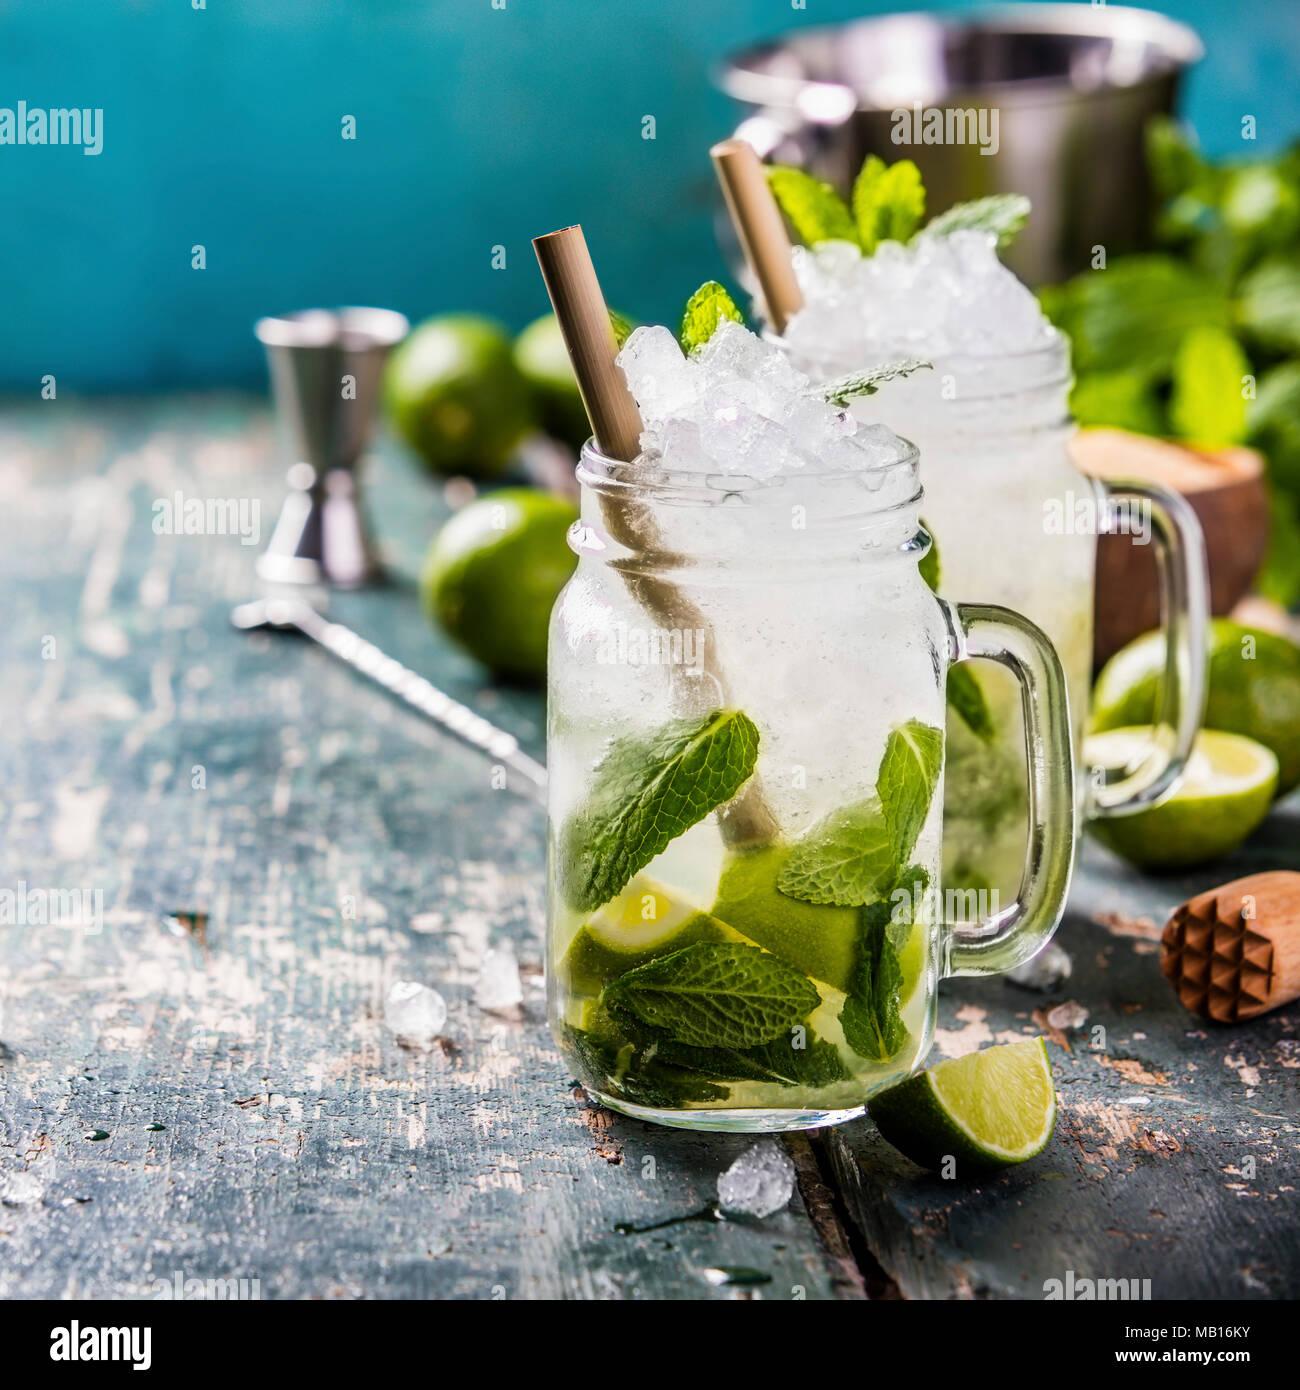 Mojito cóctel con limón y menta en frascos de vidrio sobre la mesa. Espacio de copia Imagen De Stock